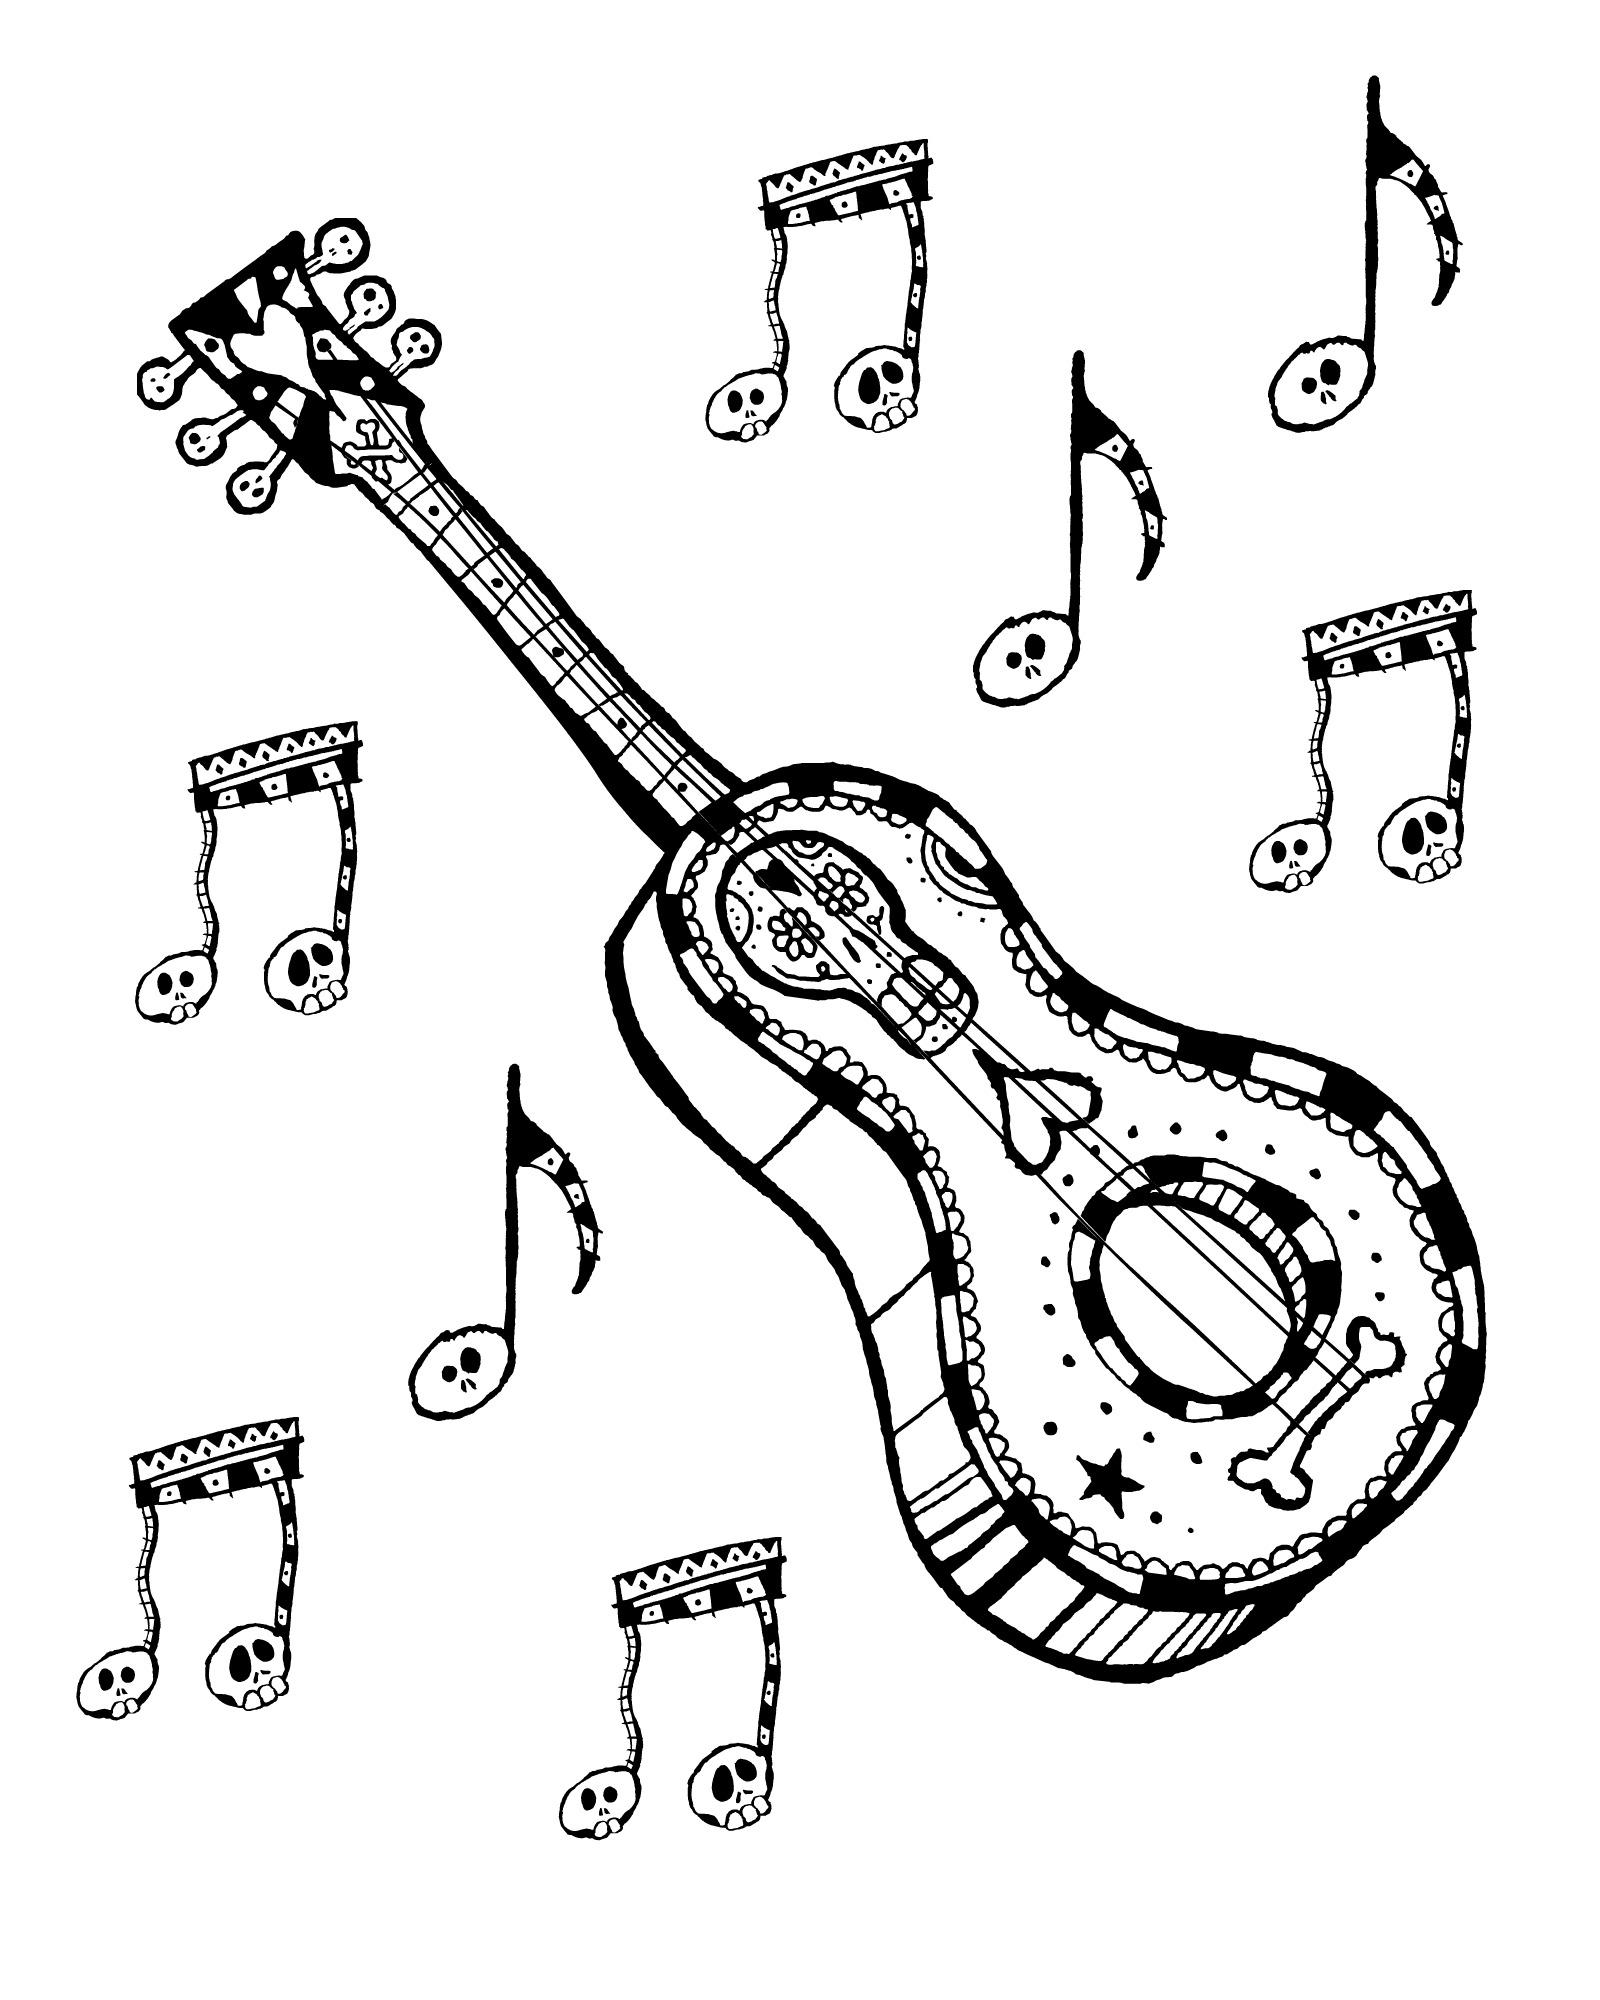 Free Printable Dia de Los Muertos Guitar Coloring Page #diadelosmuertos #dayofthedead #freeprintable #coloringpage #guitar #musicalinstrument #skulls #sugarskull